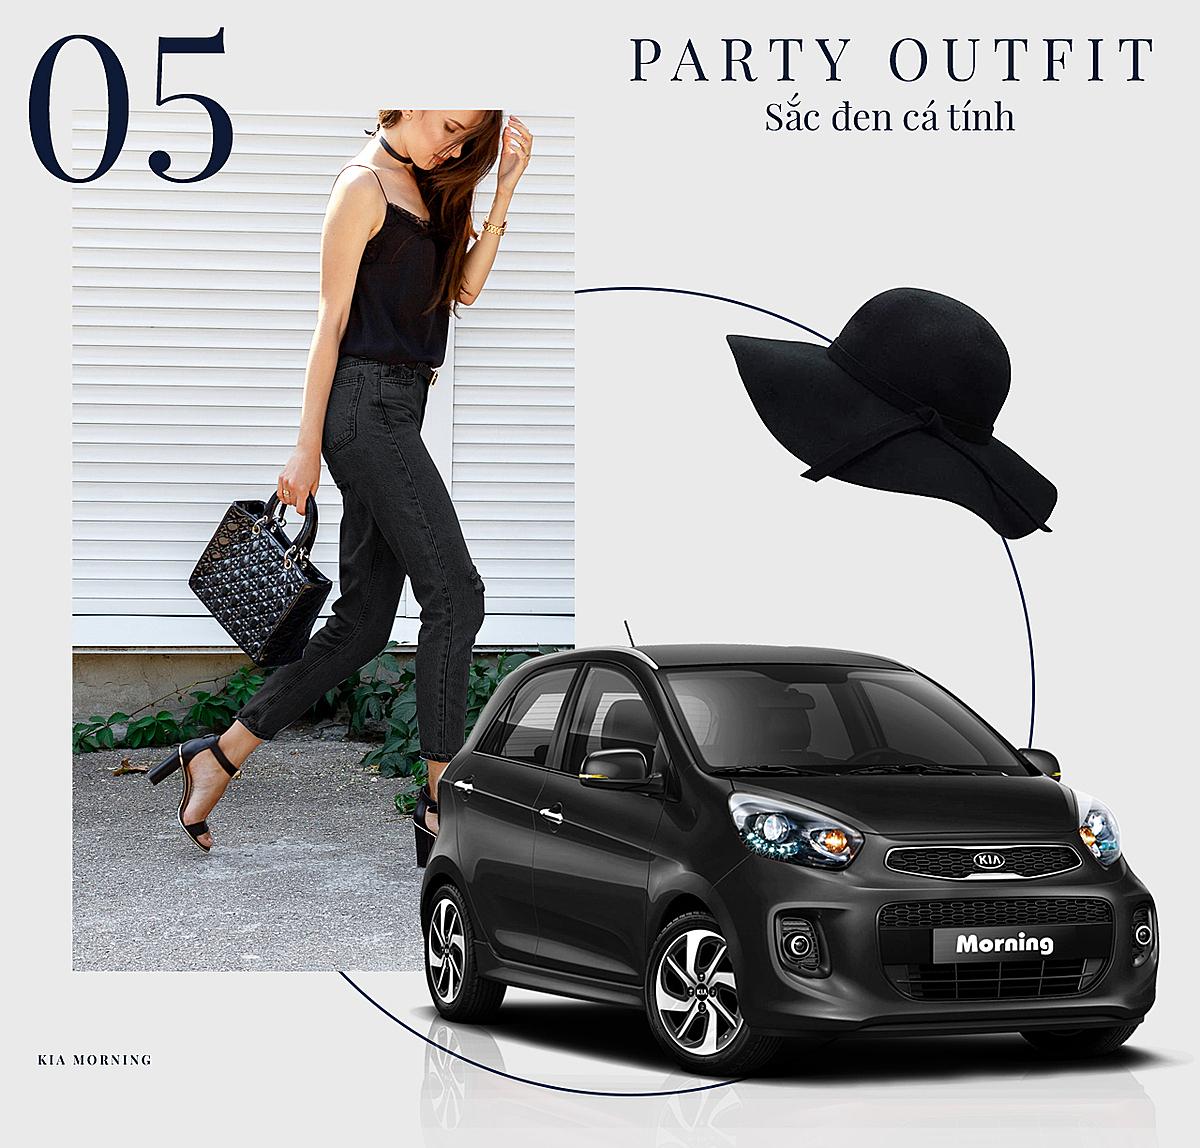 Những chiếc Kia Morning sắc đen phù hợp cho các cô nàng cá tính.